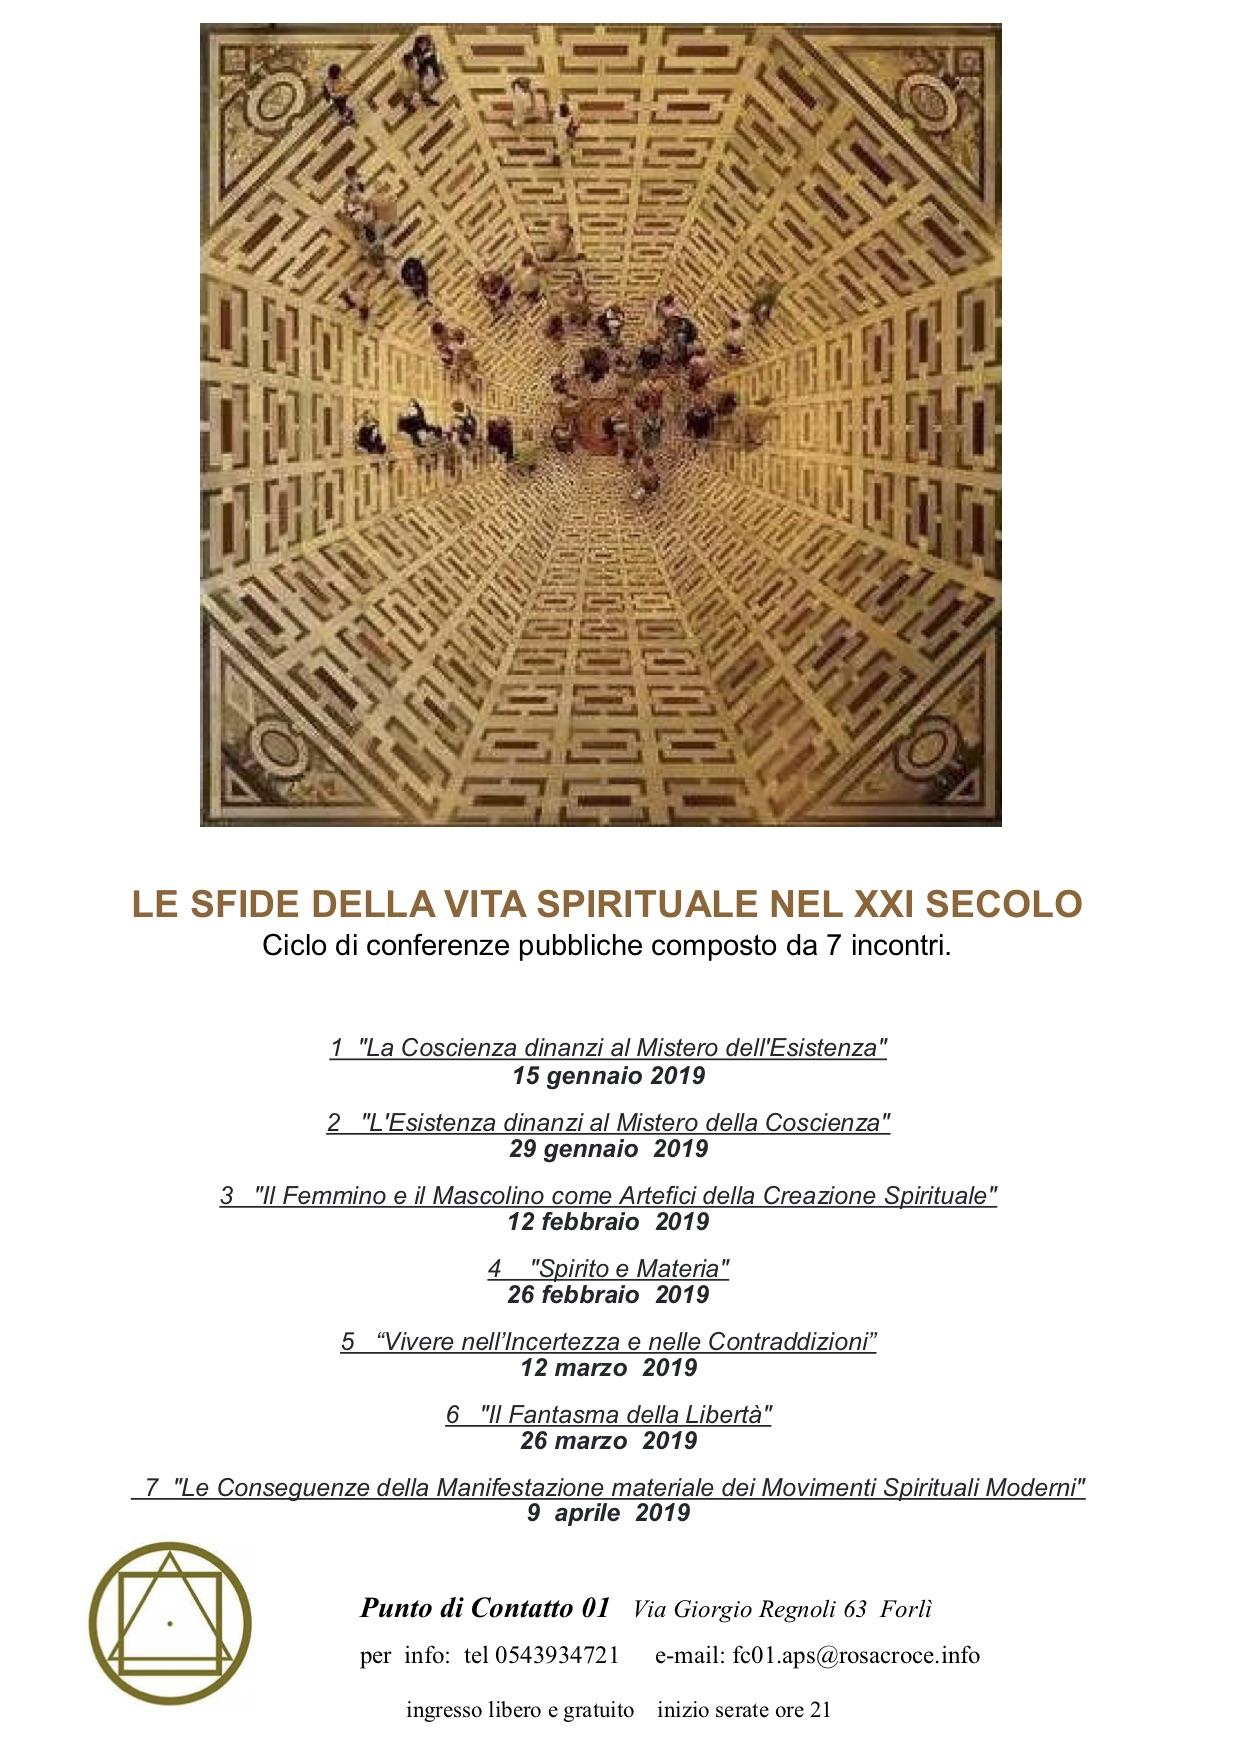 LE SFIDE DELLA VITA SPIRITUALE DEL XXI SECOLO-L'Esistenza dinanzi al Mistero della Coscienza